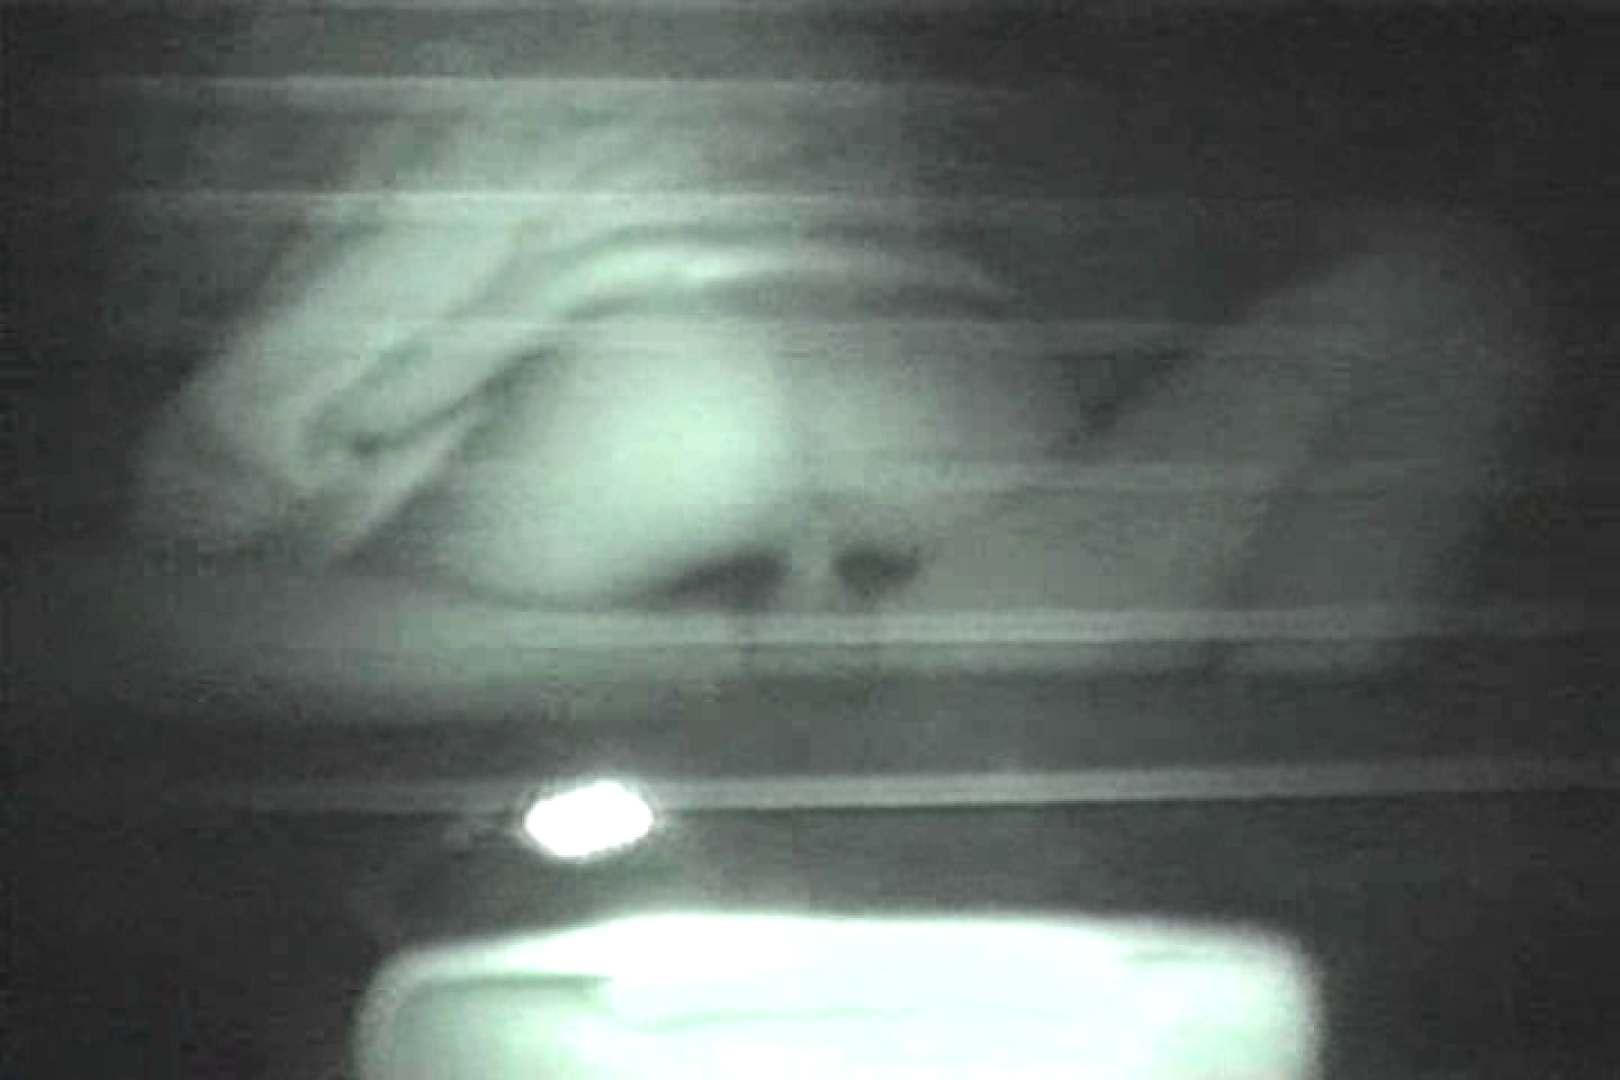 MASAさんの待ち伏せ撮り! 赤外線カーセックスVol.6 赤外線 濡れ場動画紹介 94画像 79